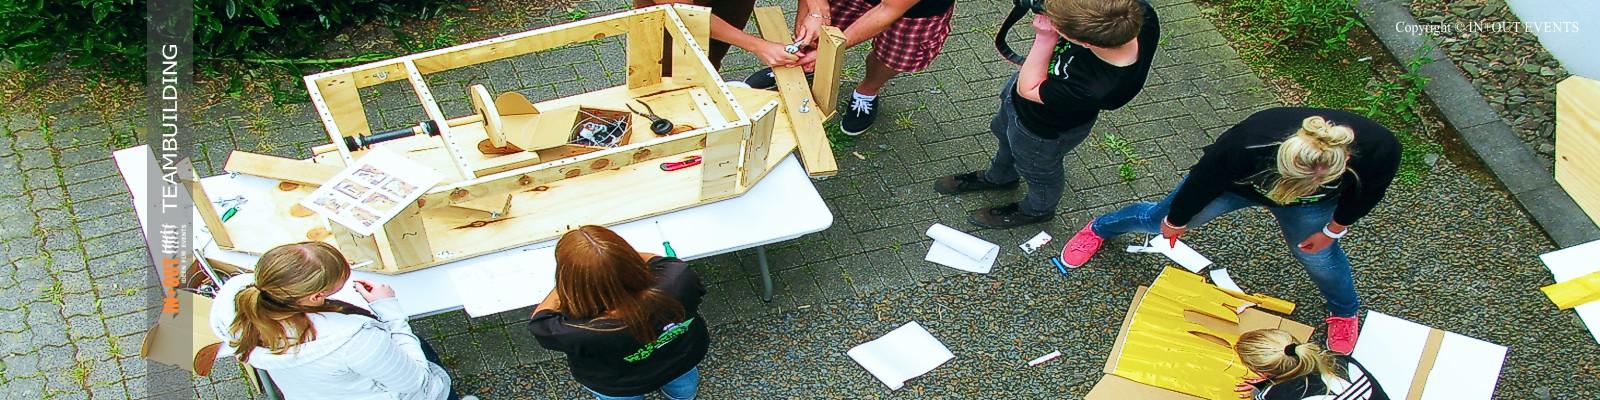 Teambuilding Event Seifenkiste bauen